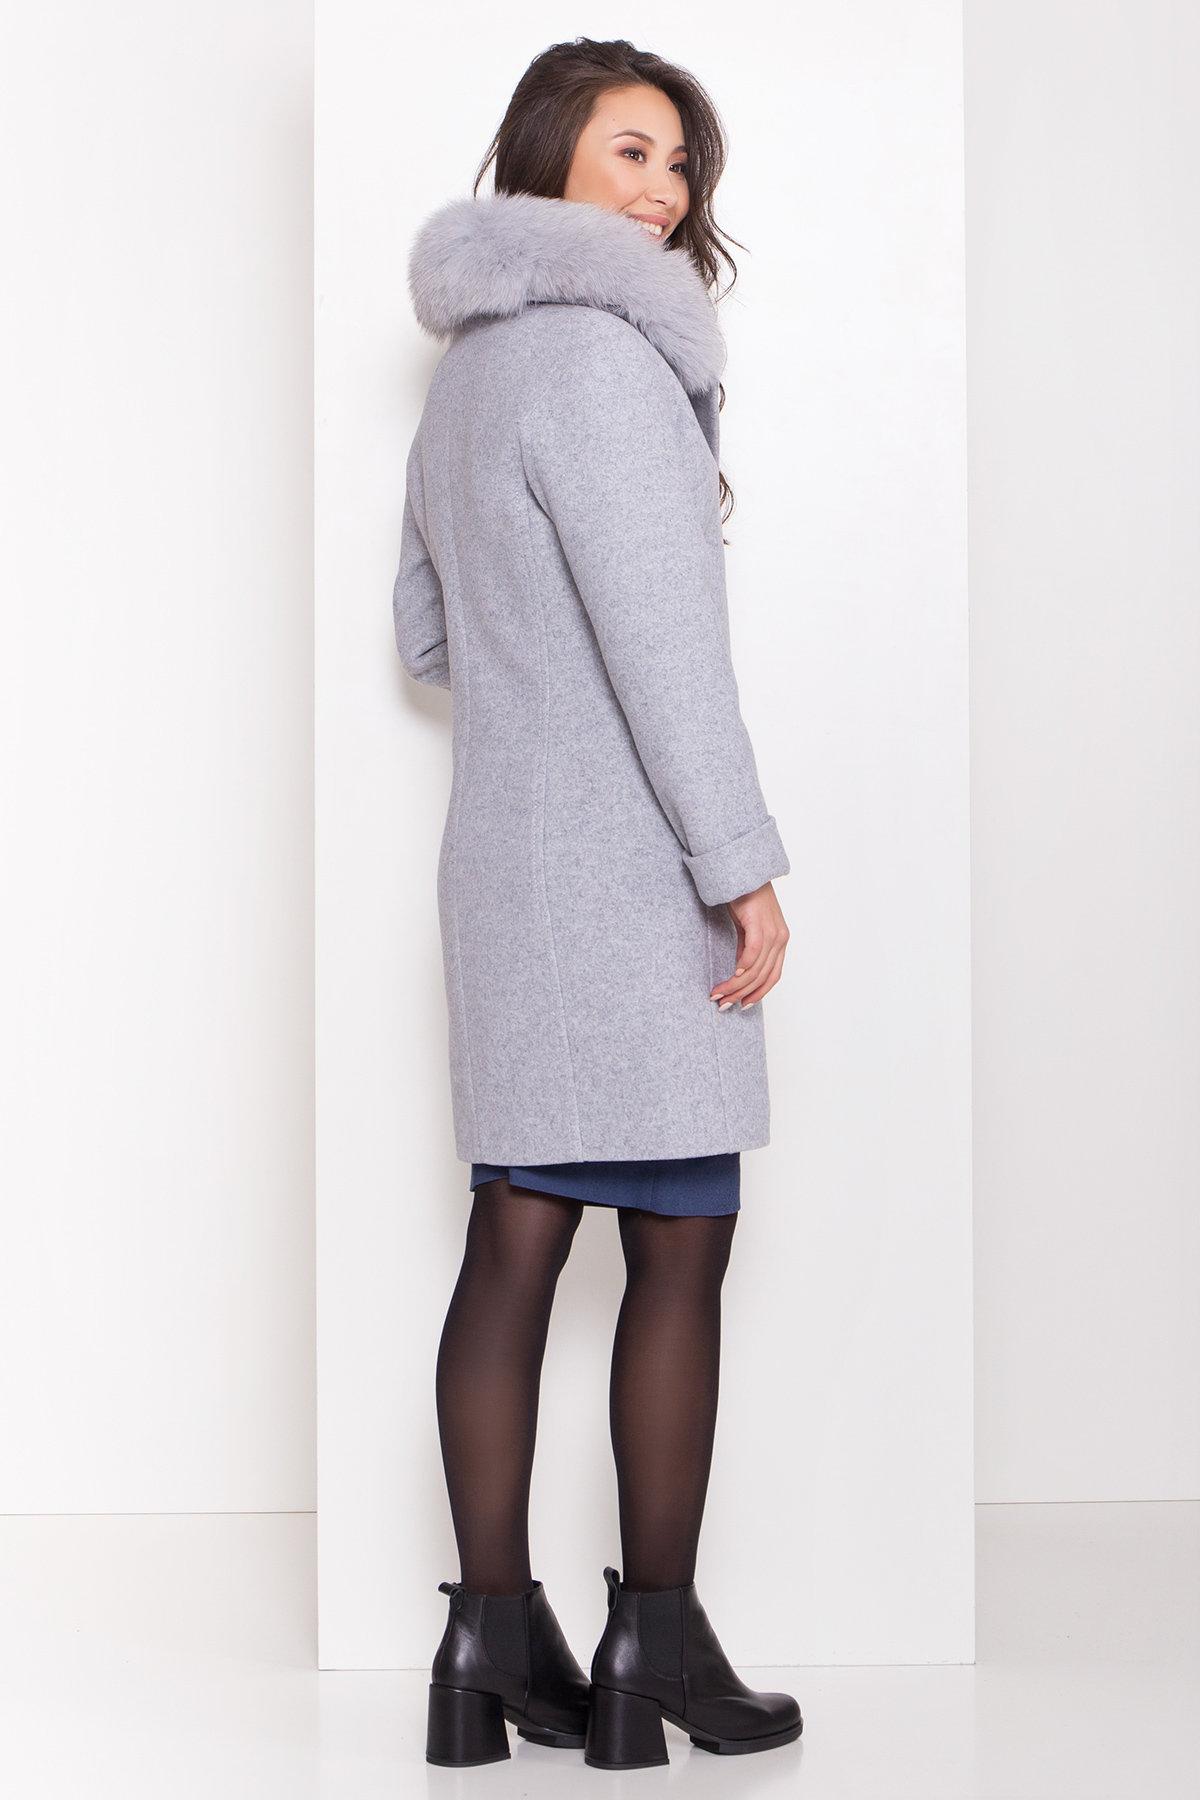 Полуприталенное зимнее пальто серых тонов Лизи 8170 АРТ. 44182 Цвет: Серый Светлый 33 - фото 5, интернет магазин tm-modus.ru